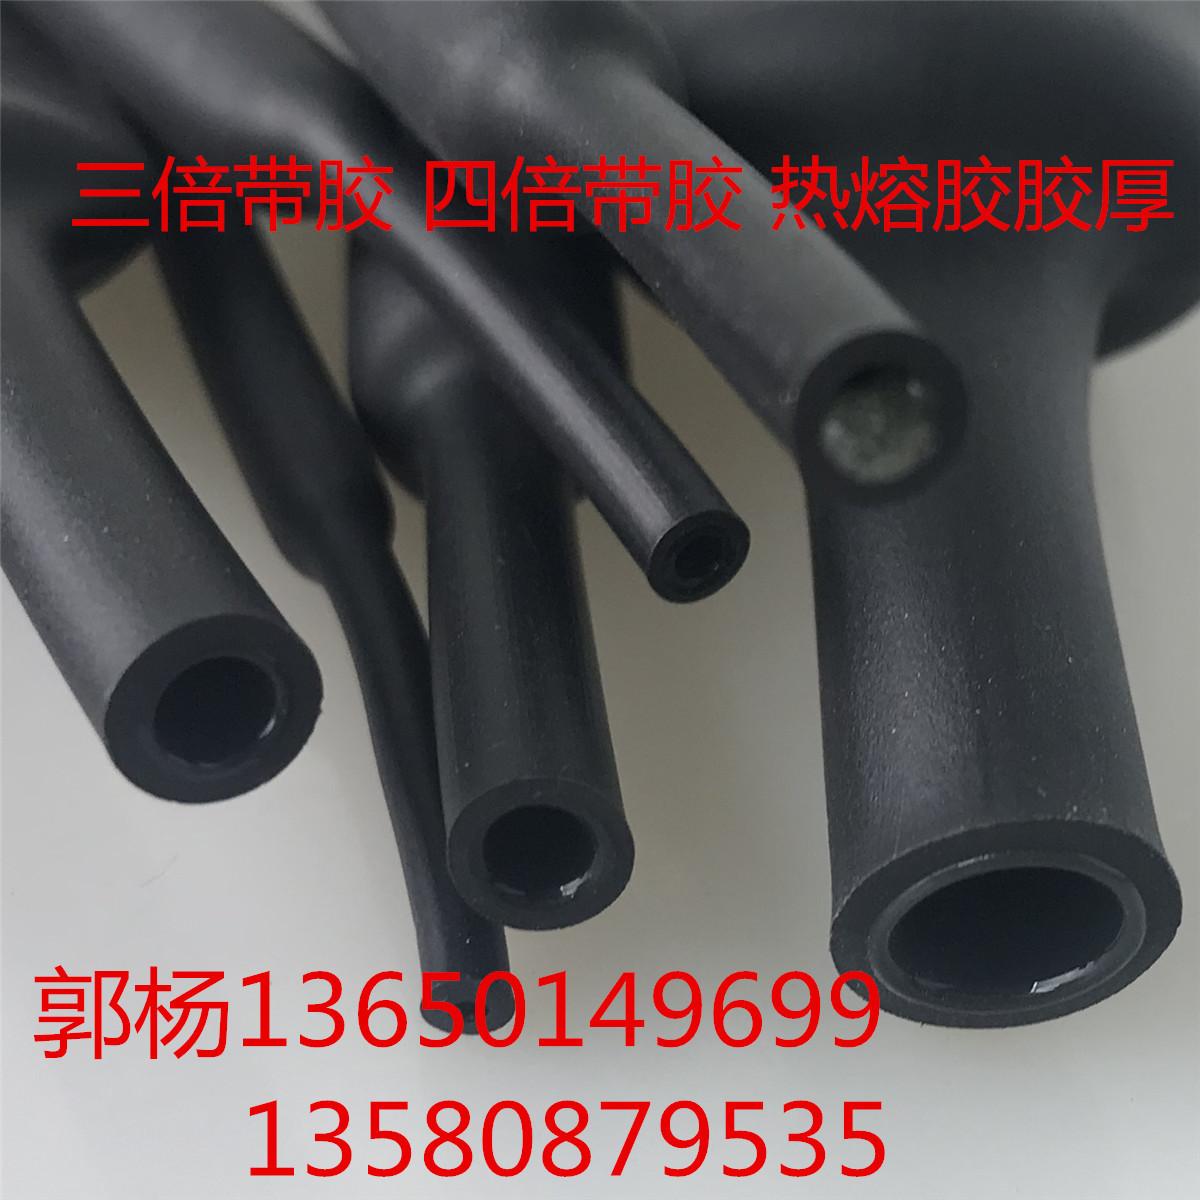 供应PE材质耐高温绝缘环保哑光三倍厚壁防水含胶双壁型热收缩套管